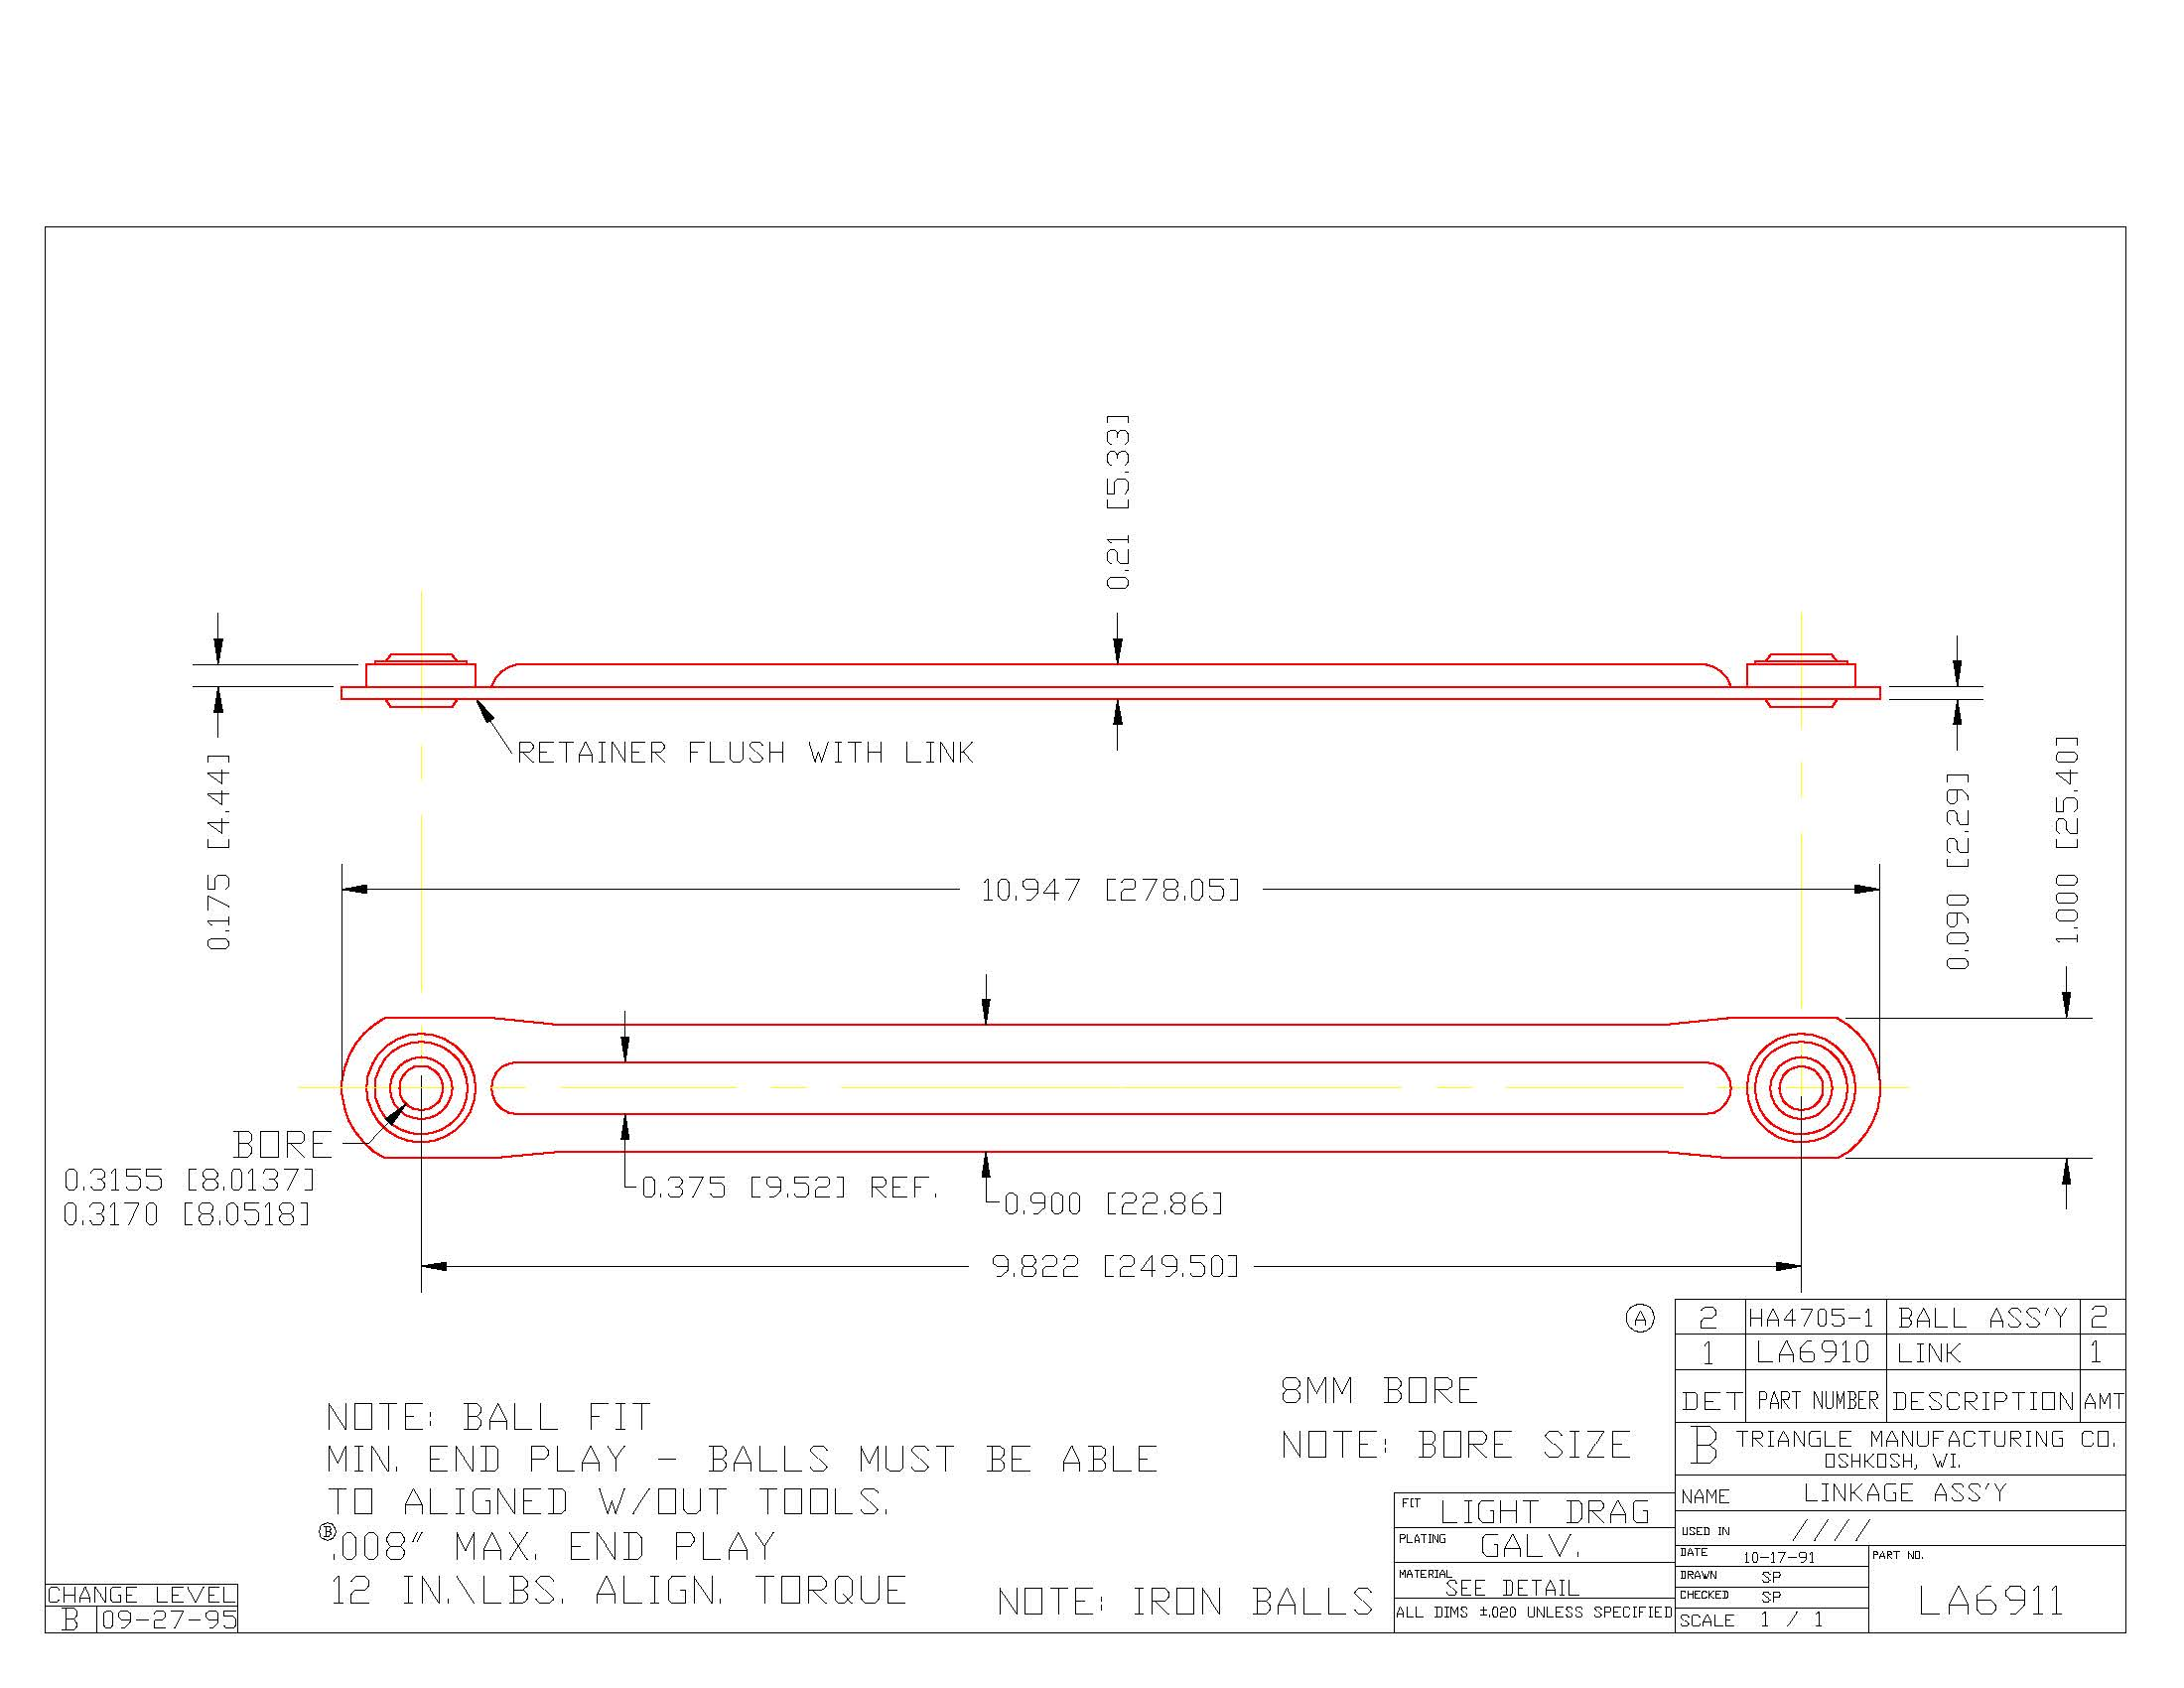 Linkage Assembly LA6911